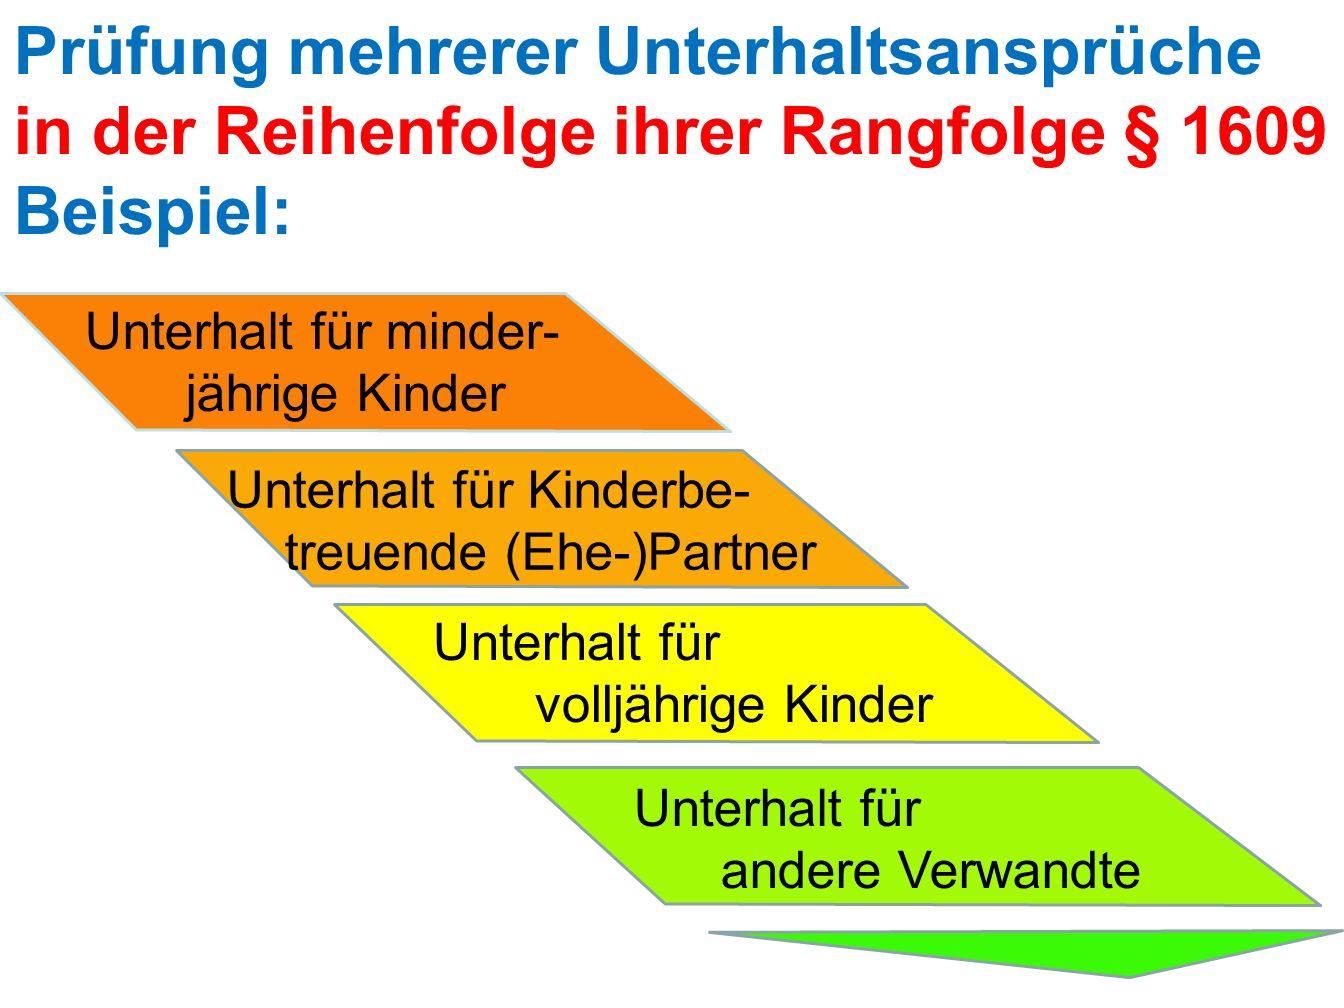 Prüfung mehrerer Unterhaltsansprüche in der Reihenfolge ihrer Rangfolge § 1609 Beispiel: Unterhalt für minder- jährige Kinder Unterhalt für Kinderbe-